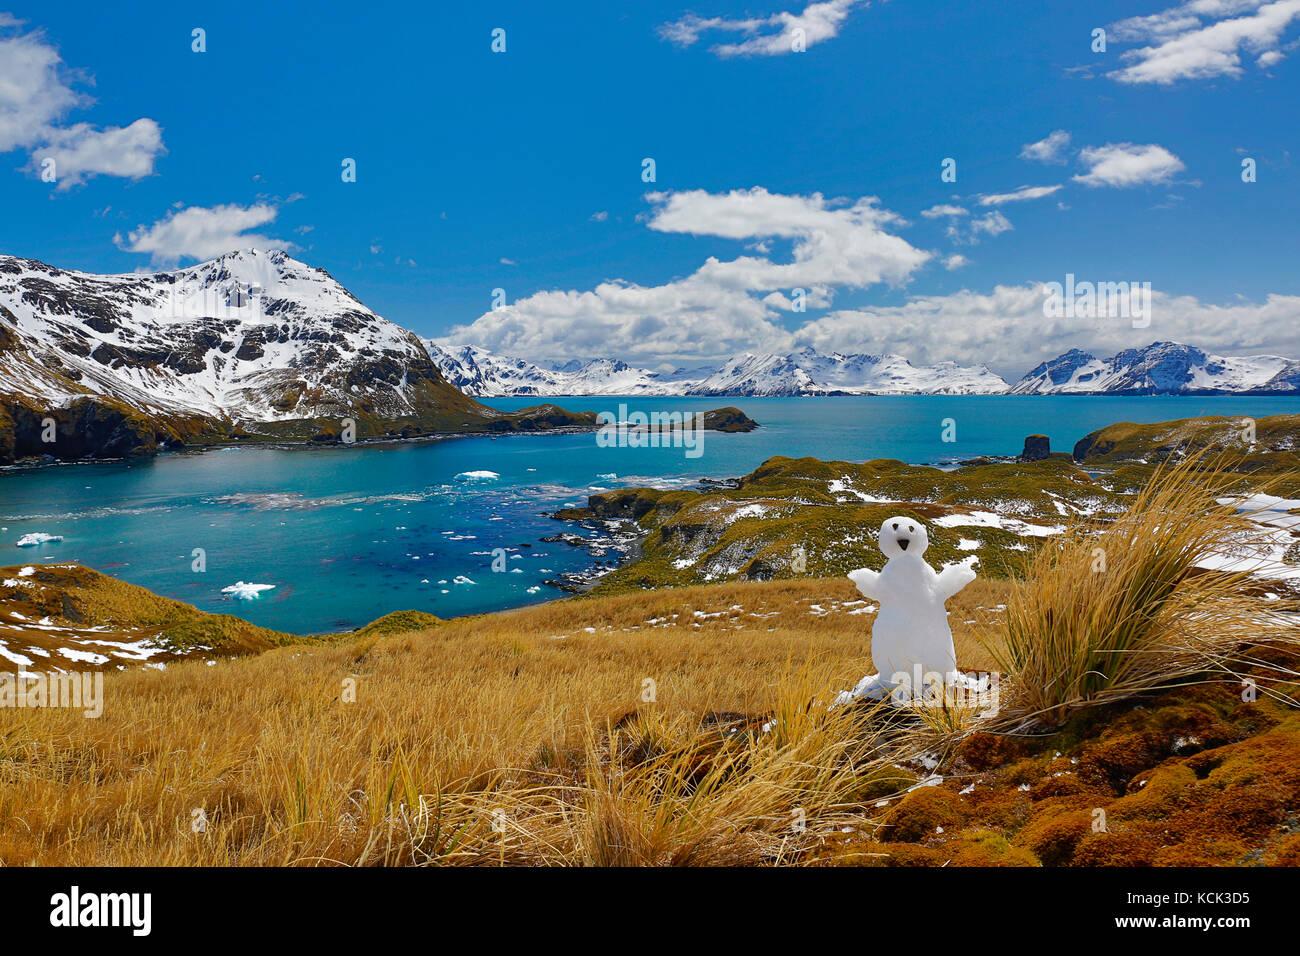 Las montañas cubiertas de nieve con agua azul en las islas Georgias del Sur y Sandwich del Sur Imagen De Stock